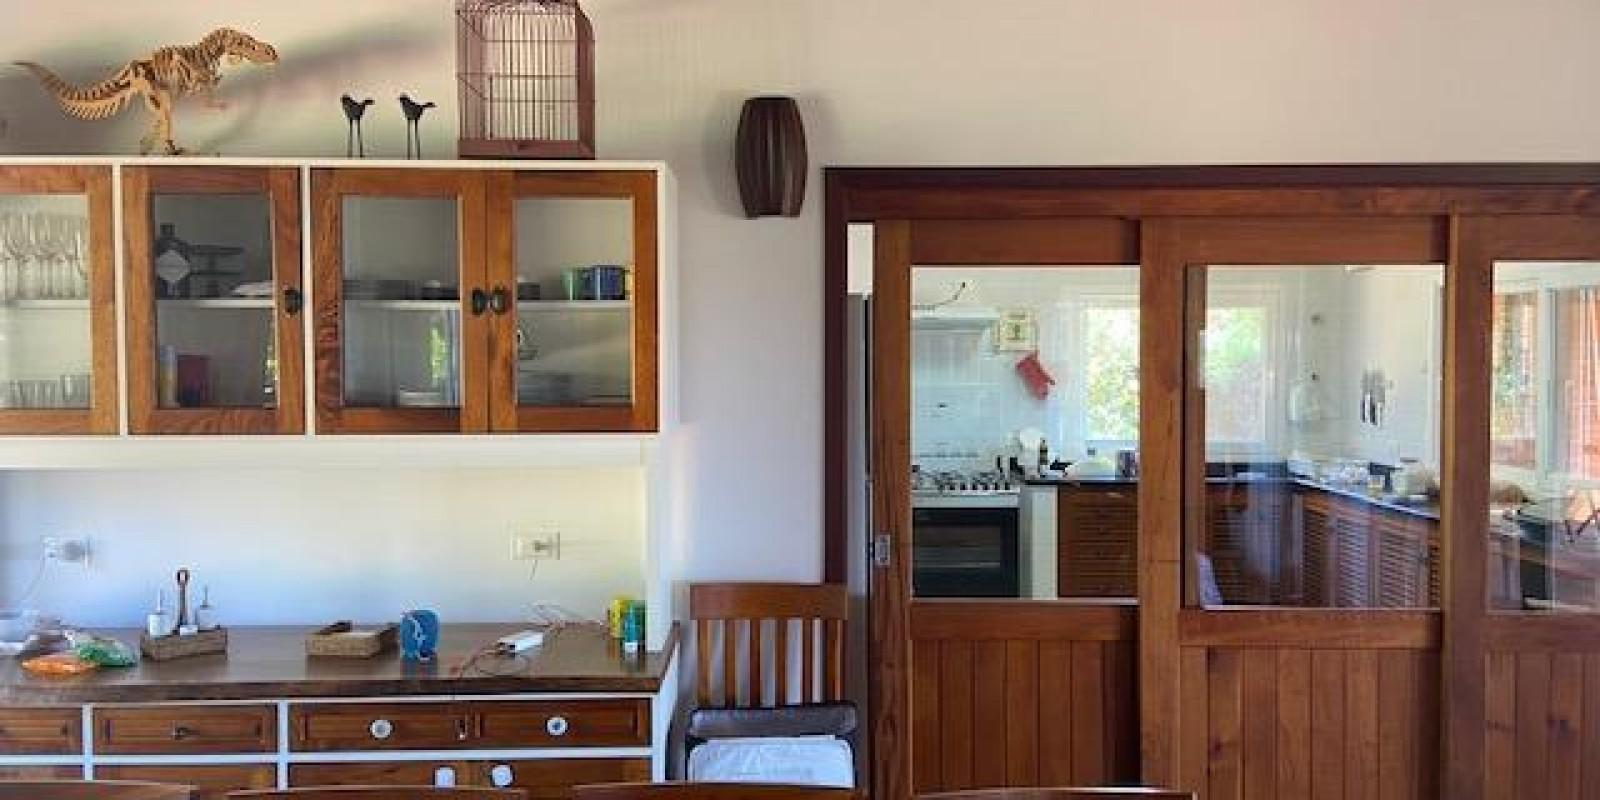 Casa na Represa no Condomínio Parque Náutico em Avaré SP  - Foto 50 de 57